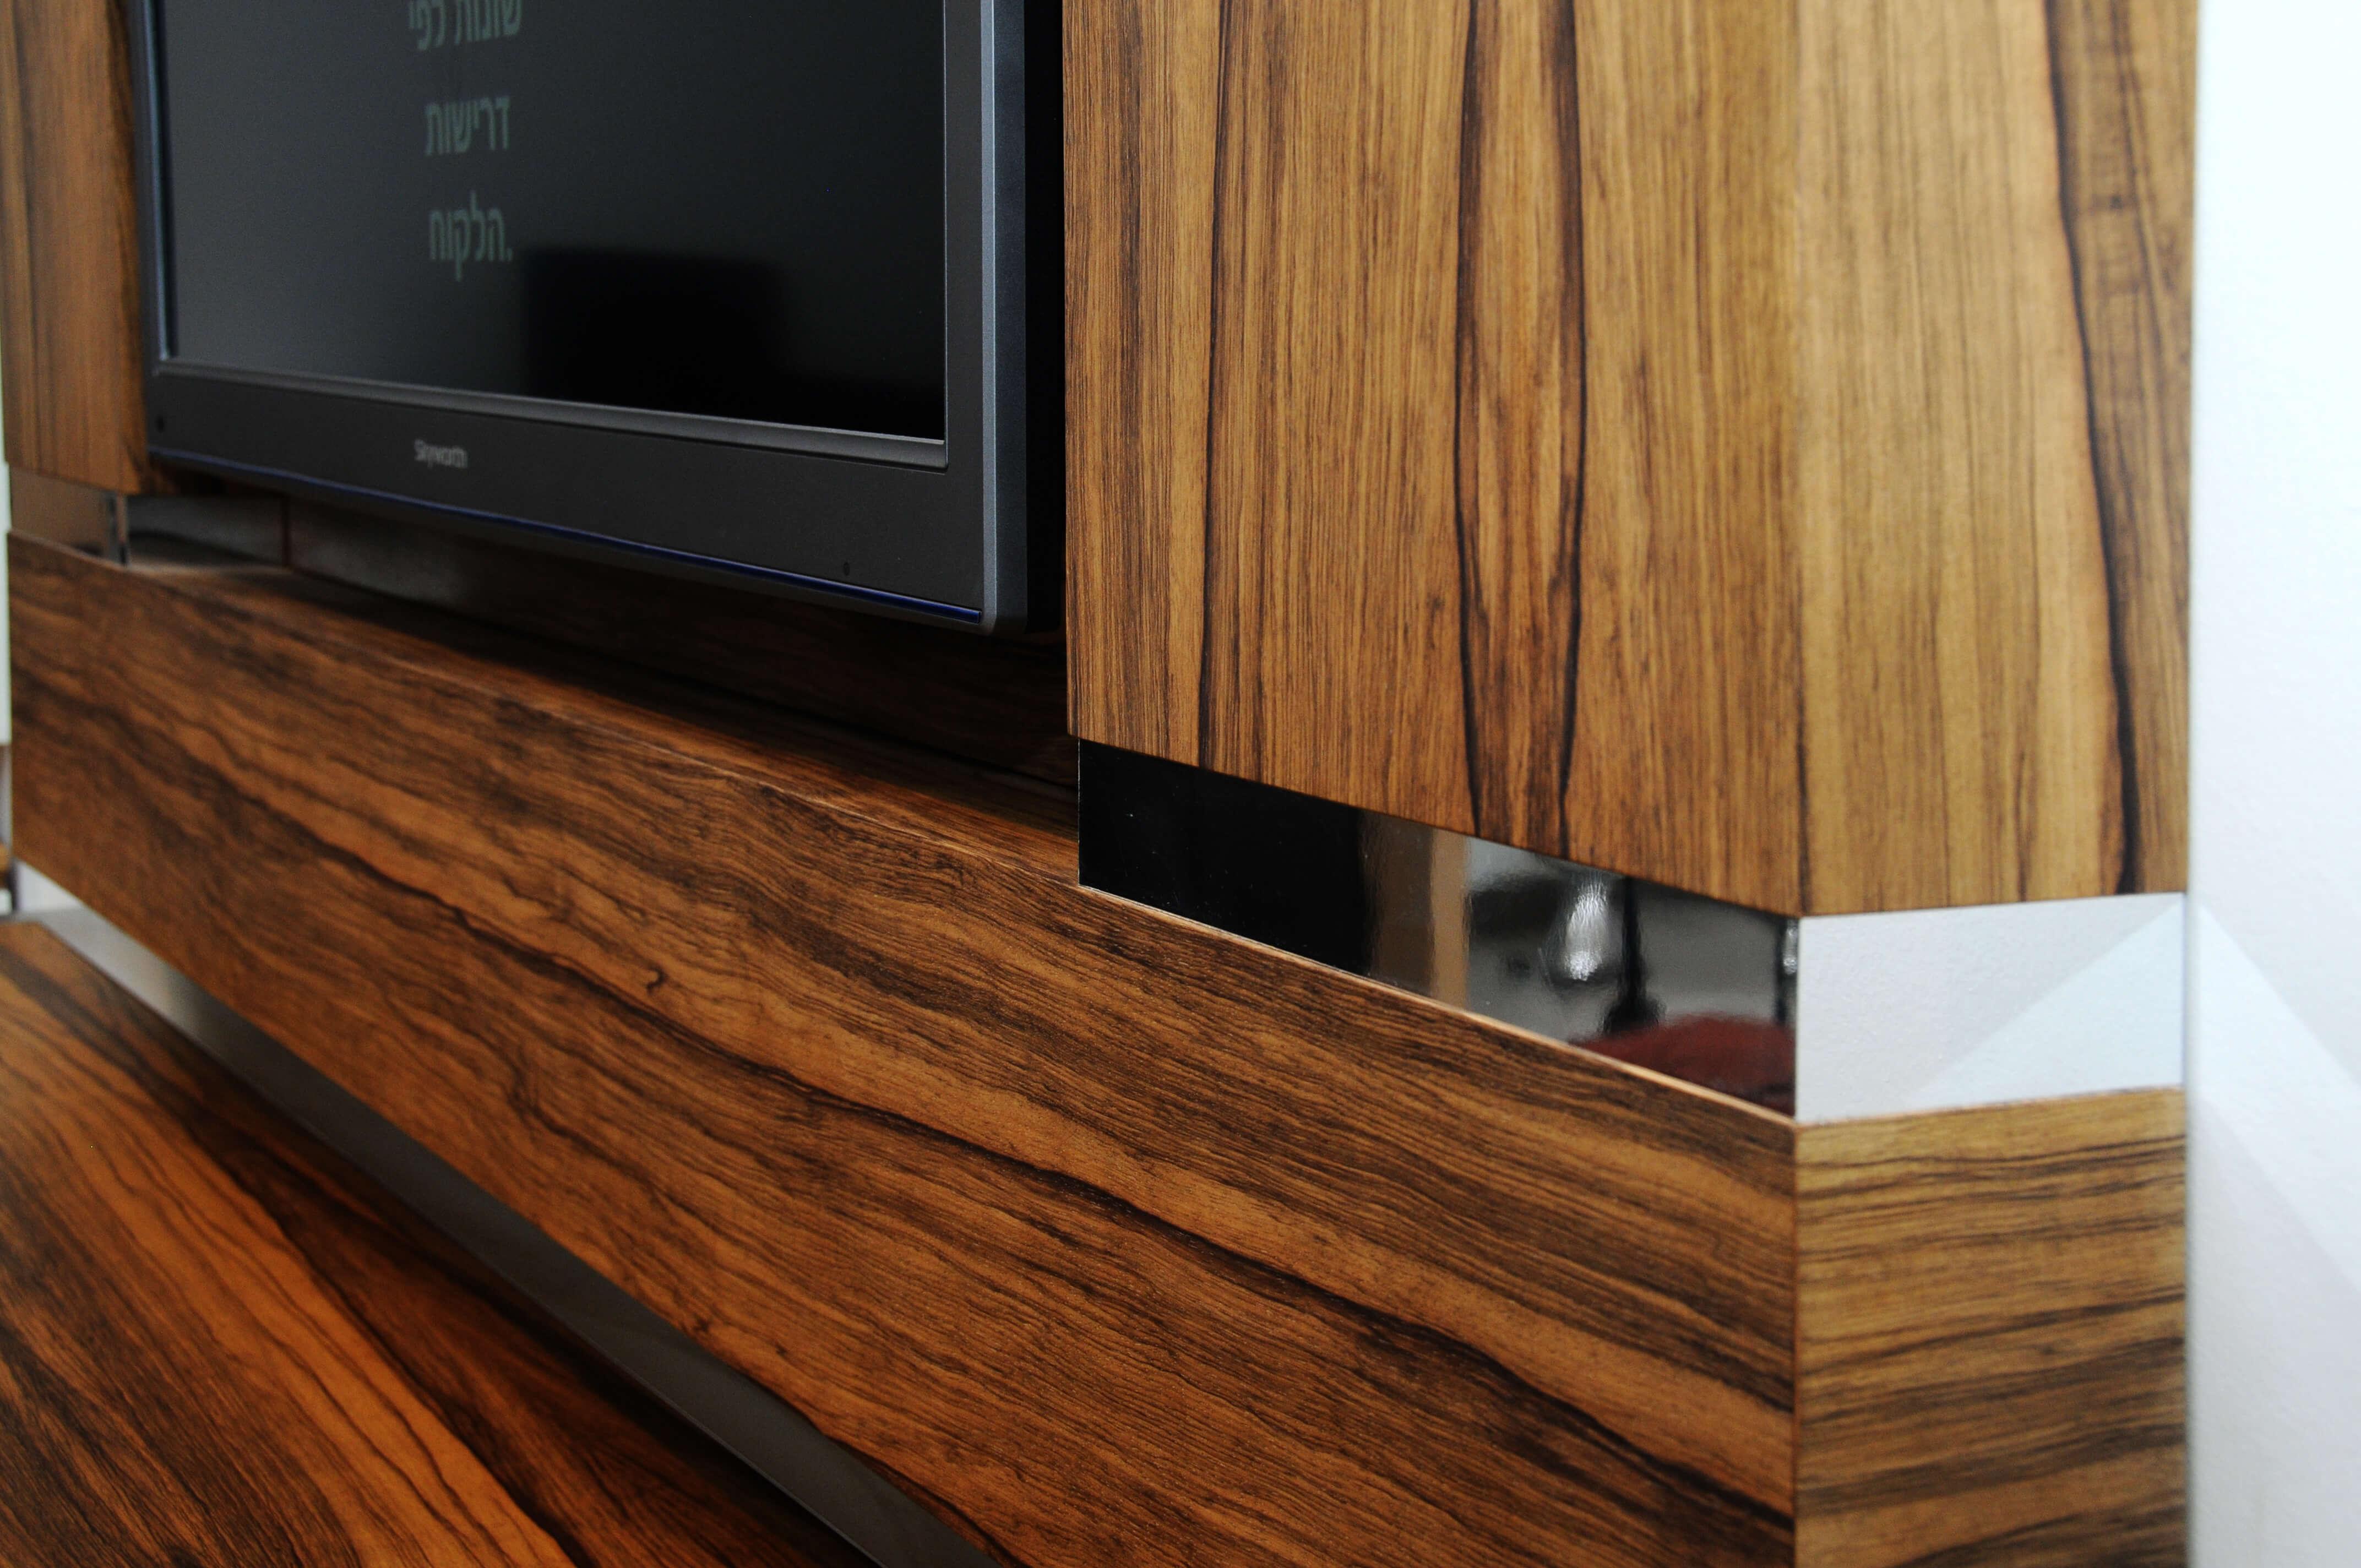 מזנון תלוי ומסגרת לטלויזיה מעץ אגוז